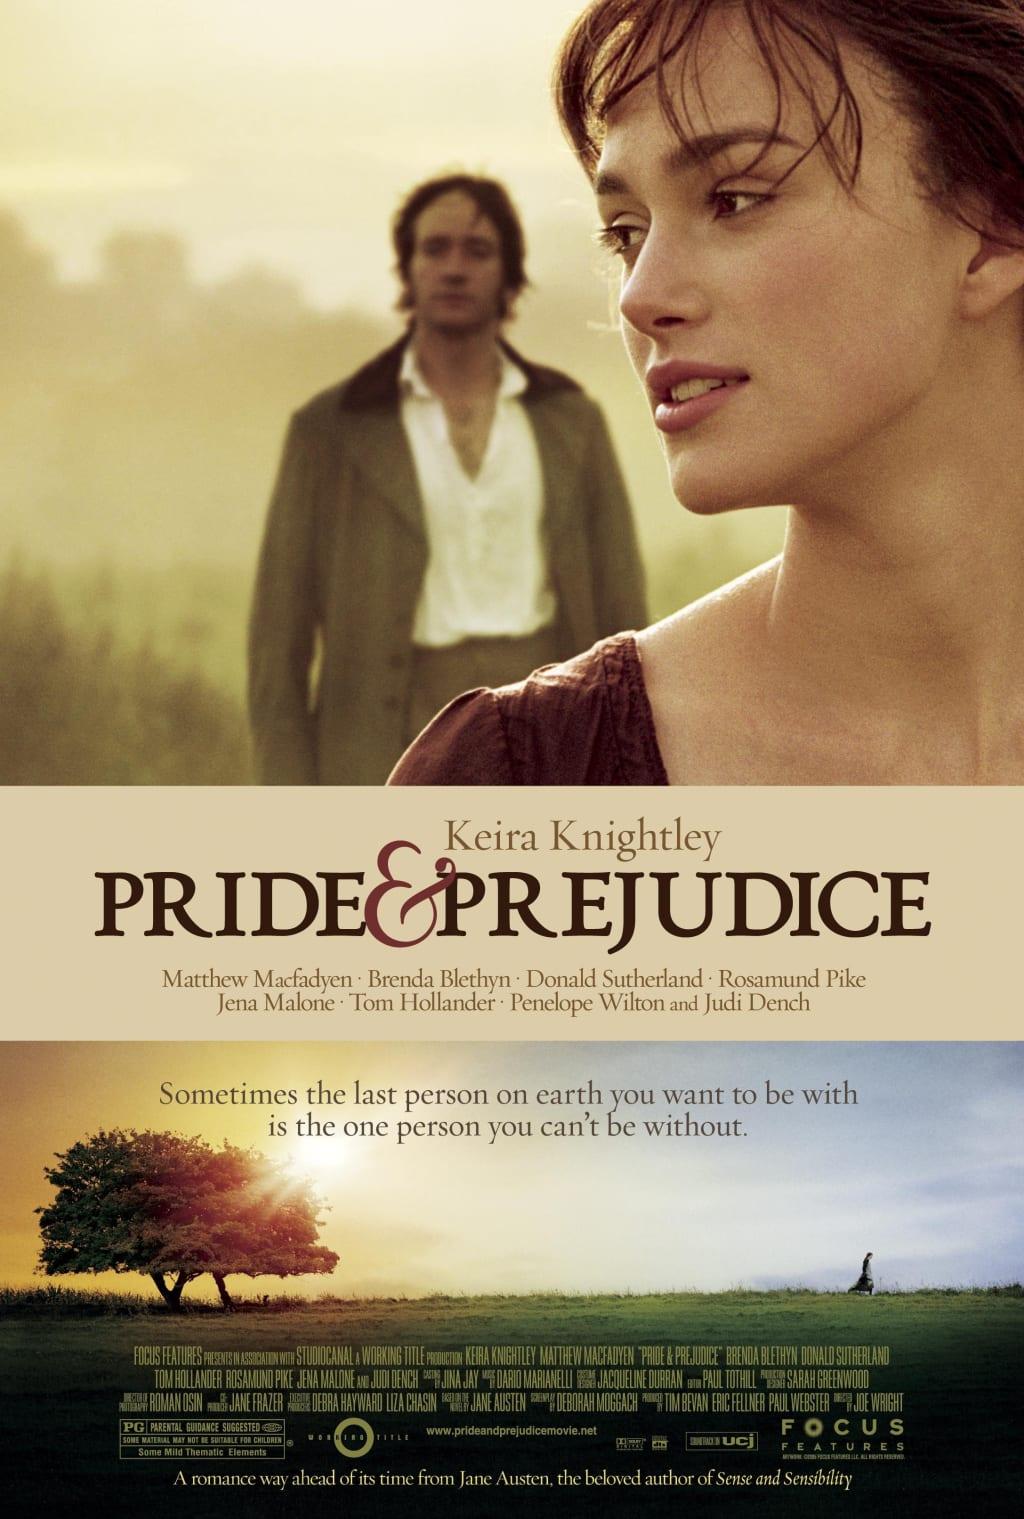 Reading Journal: 'Pride and Prejudice'